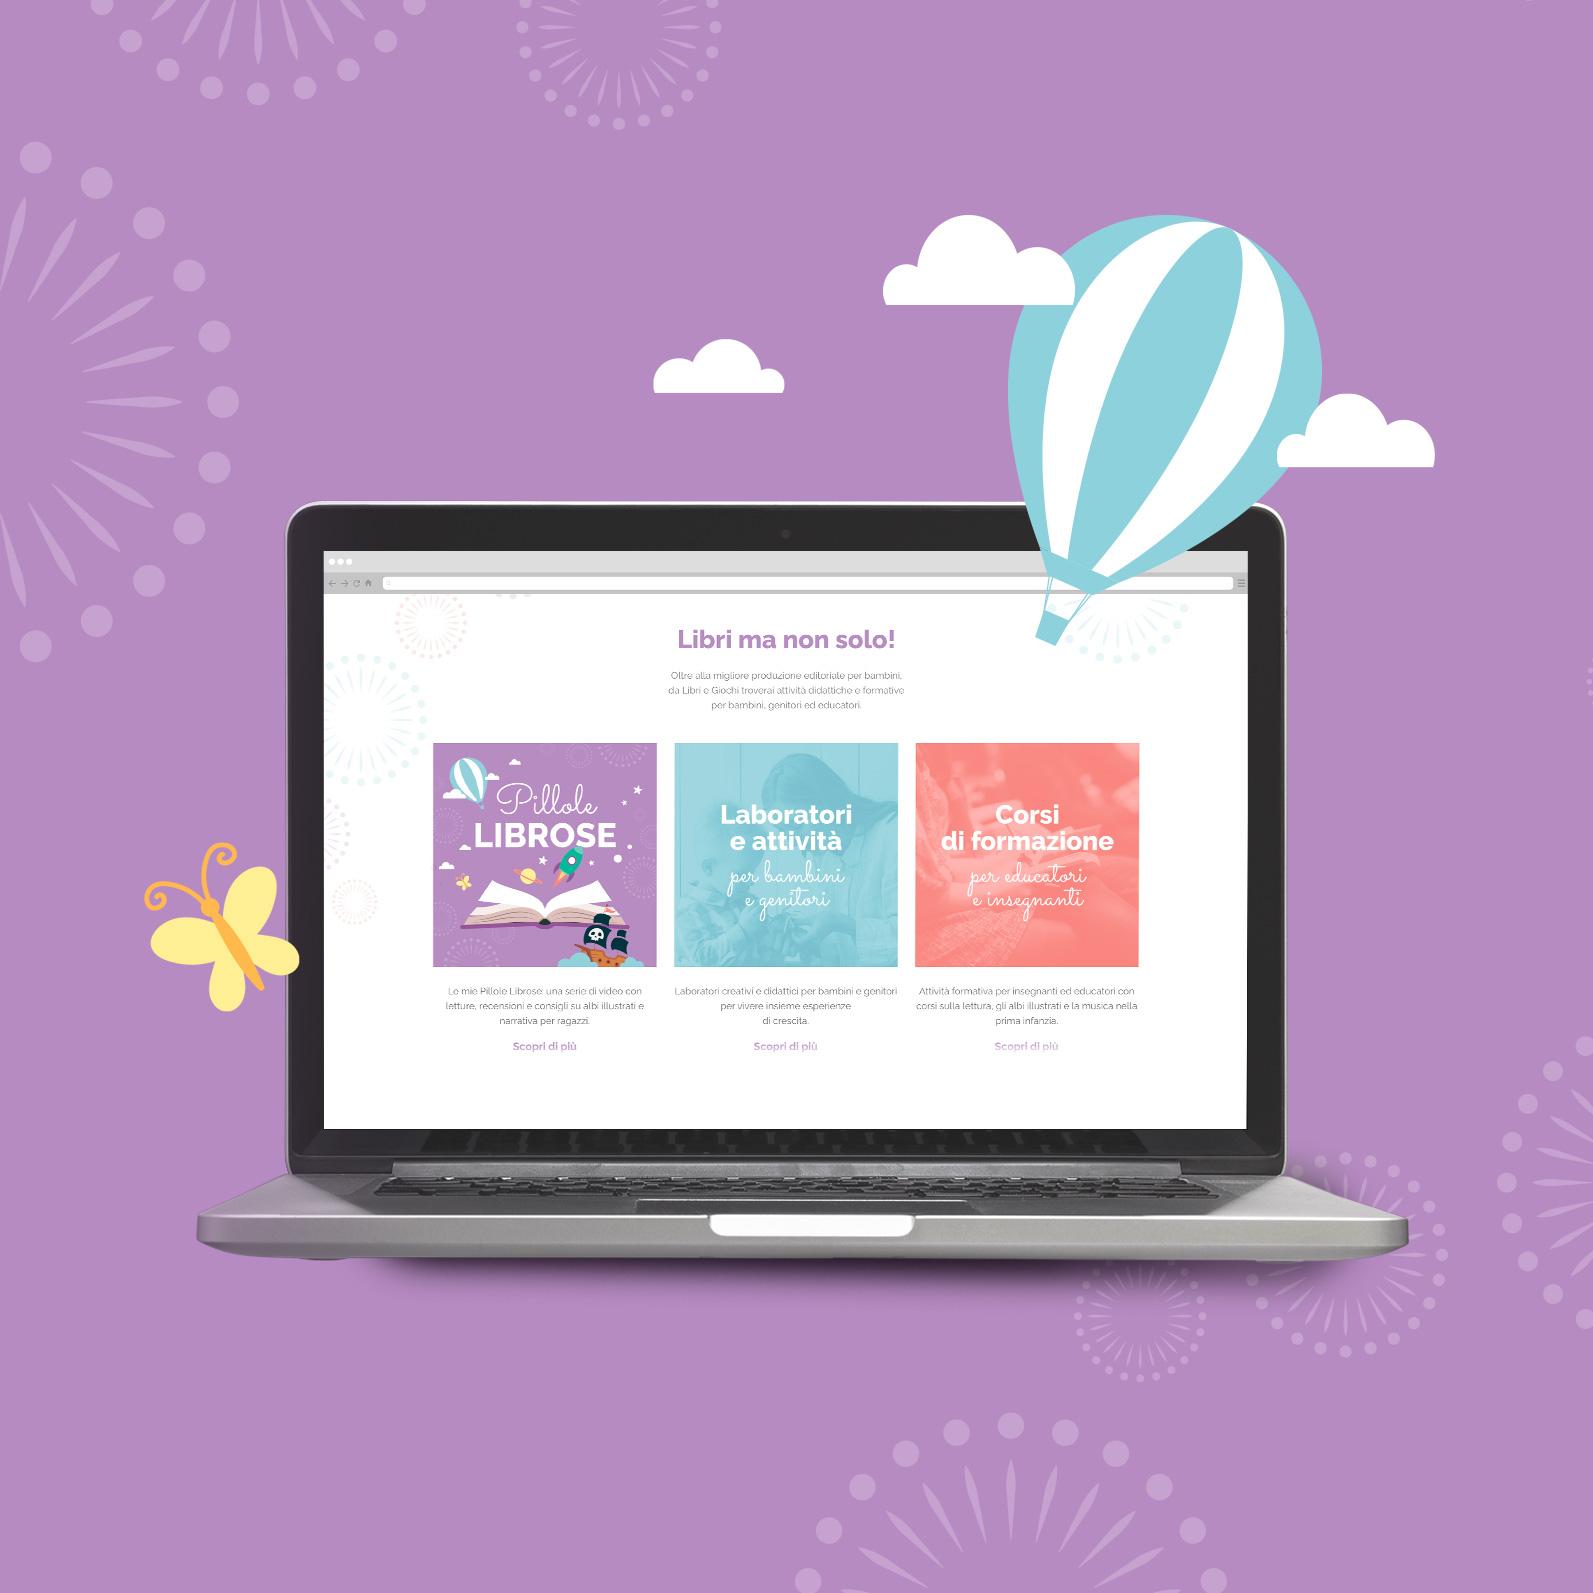 lapbook che visualizza il sito web della libreria Libri e Giochi Besana Brianza